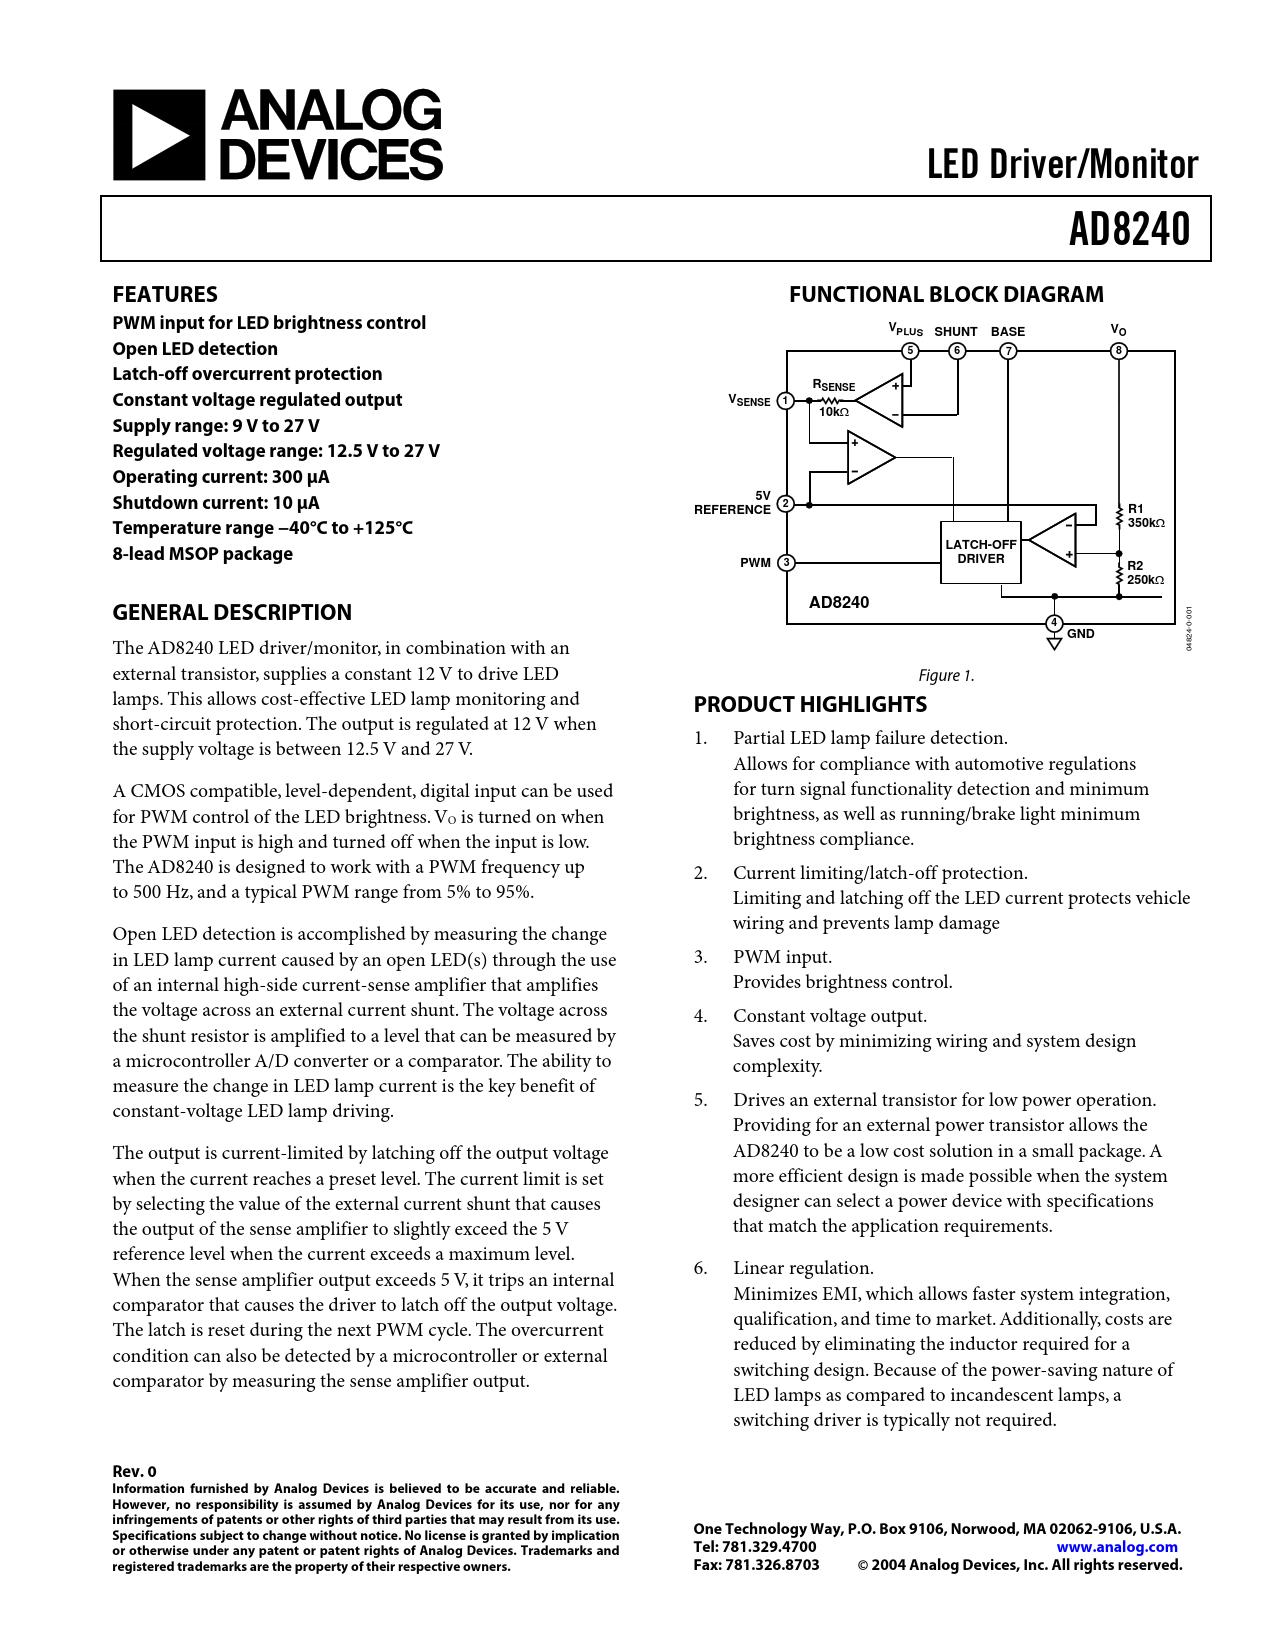 Datasheet AD8240 Analog Devices